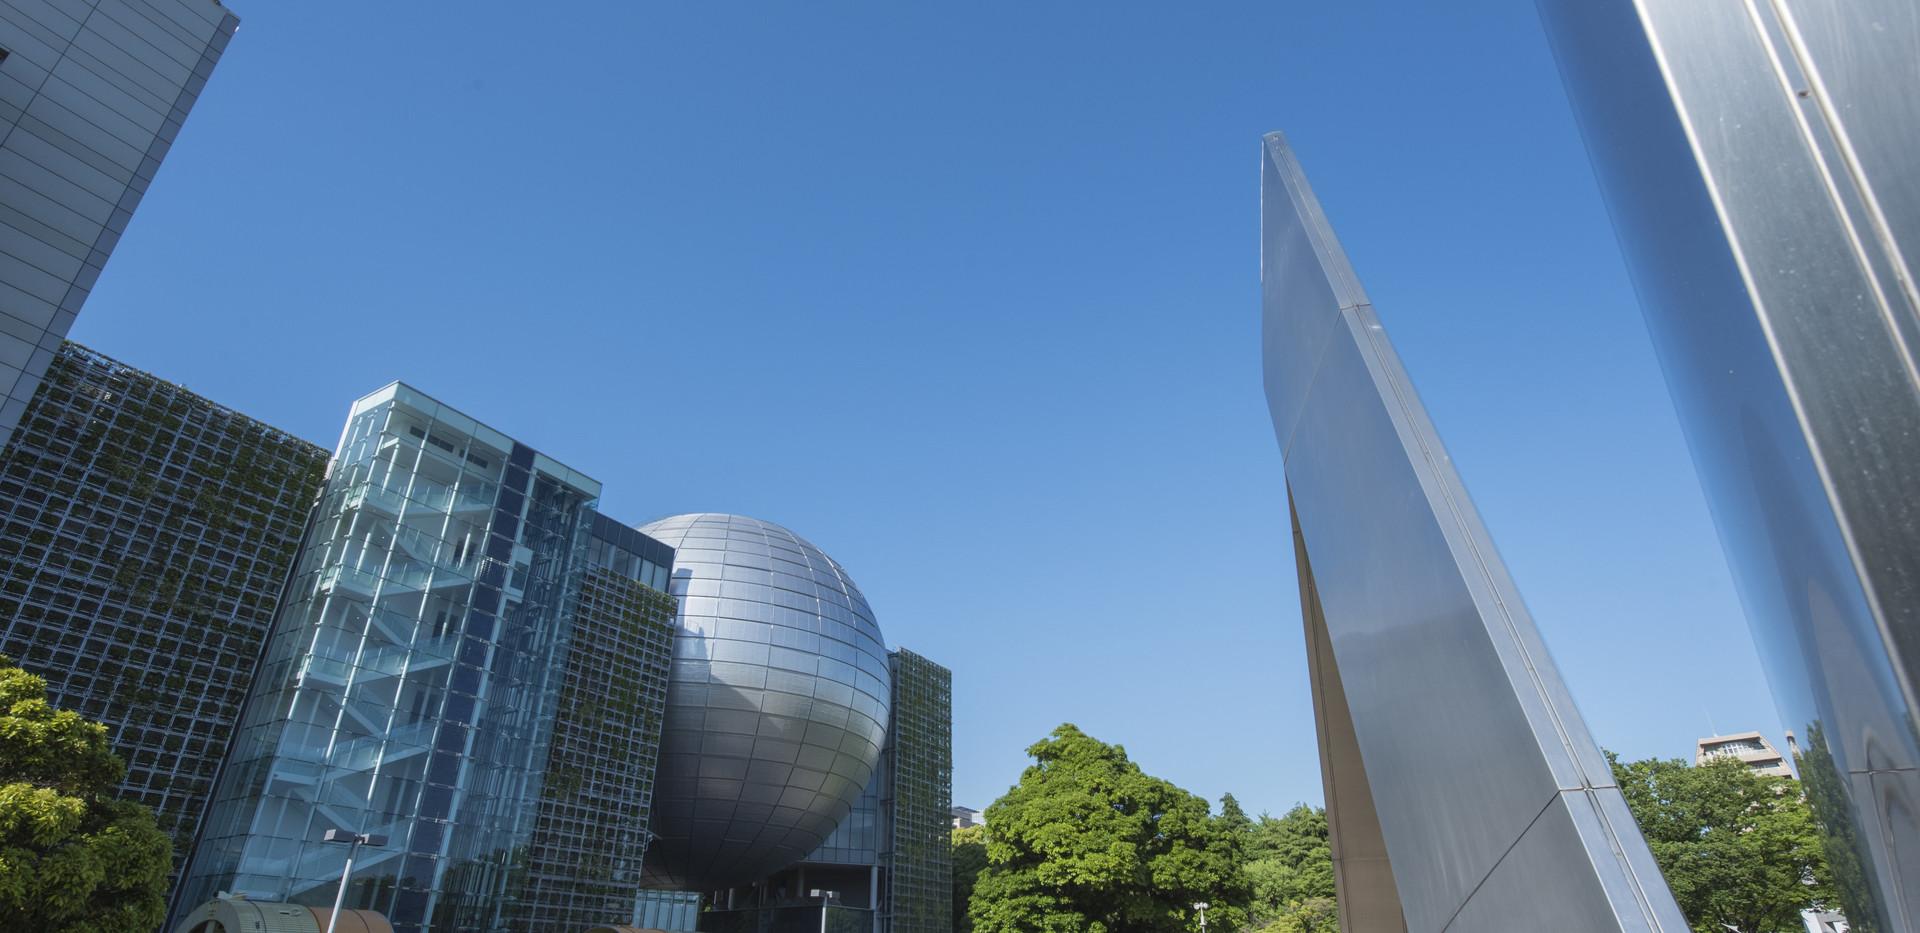 5.Nagoya City Science Museum.jpg